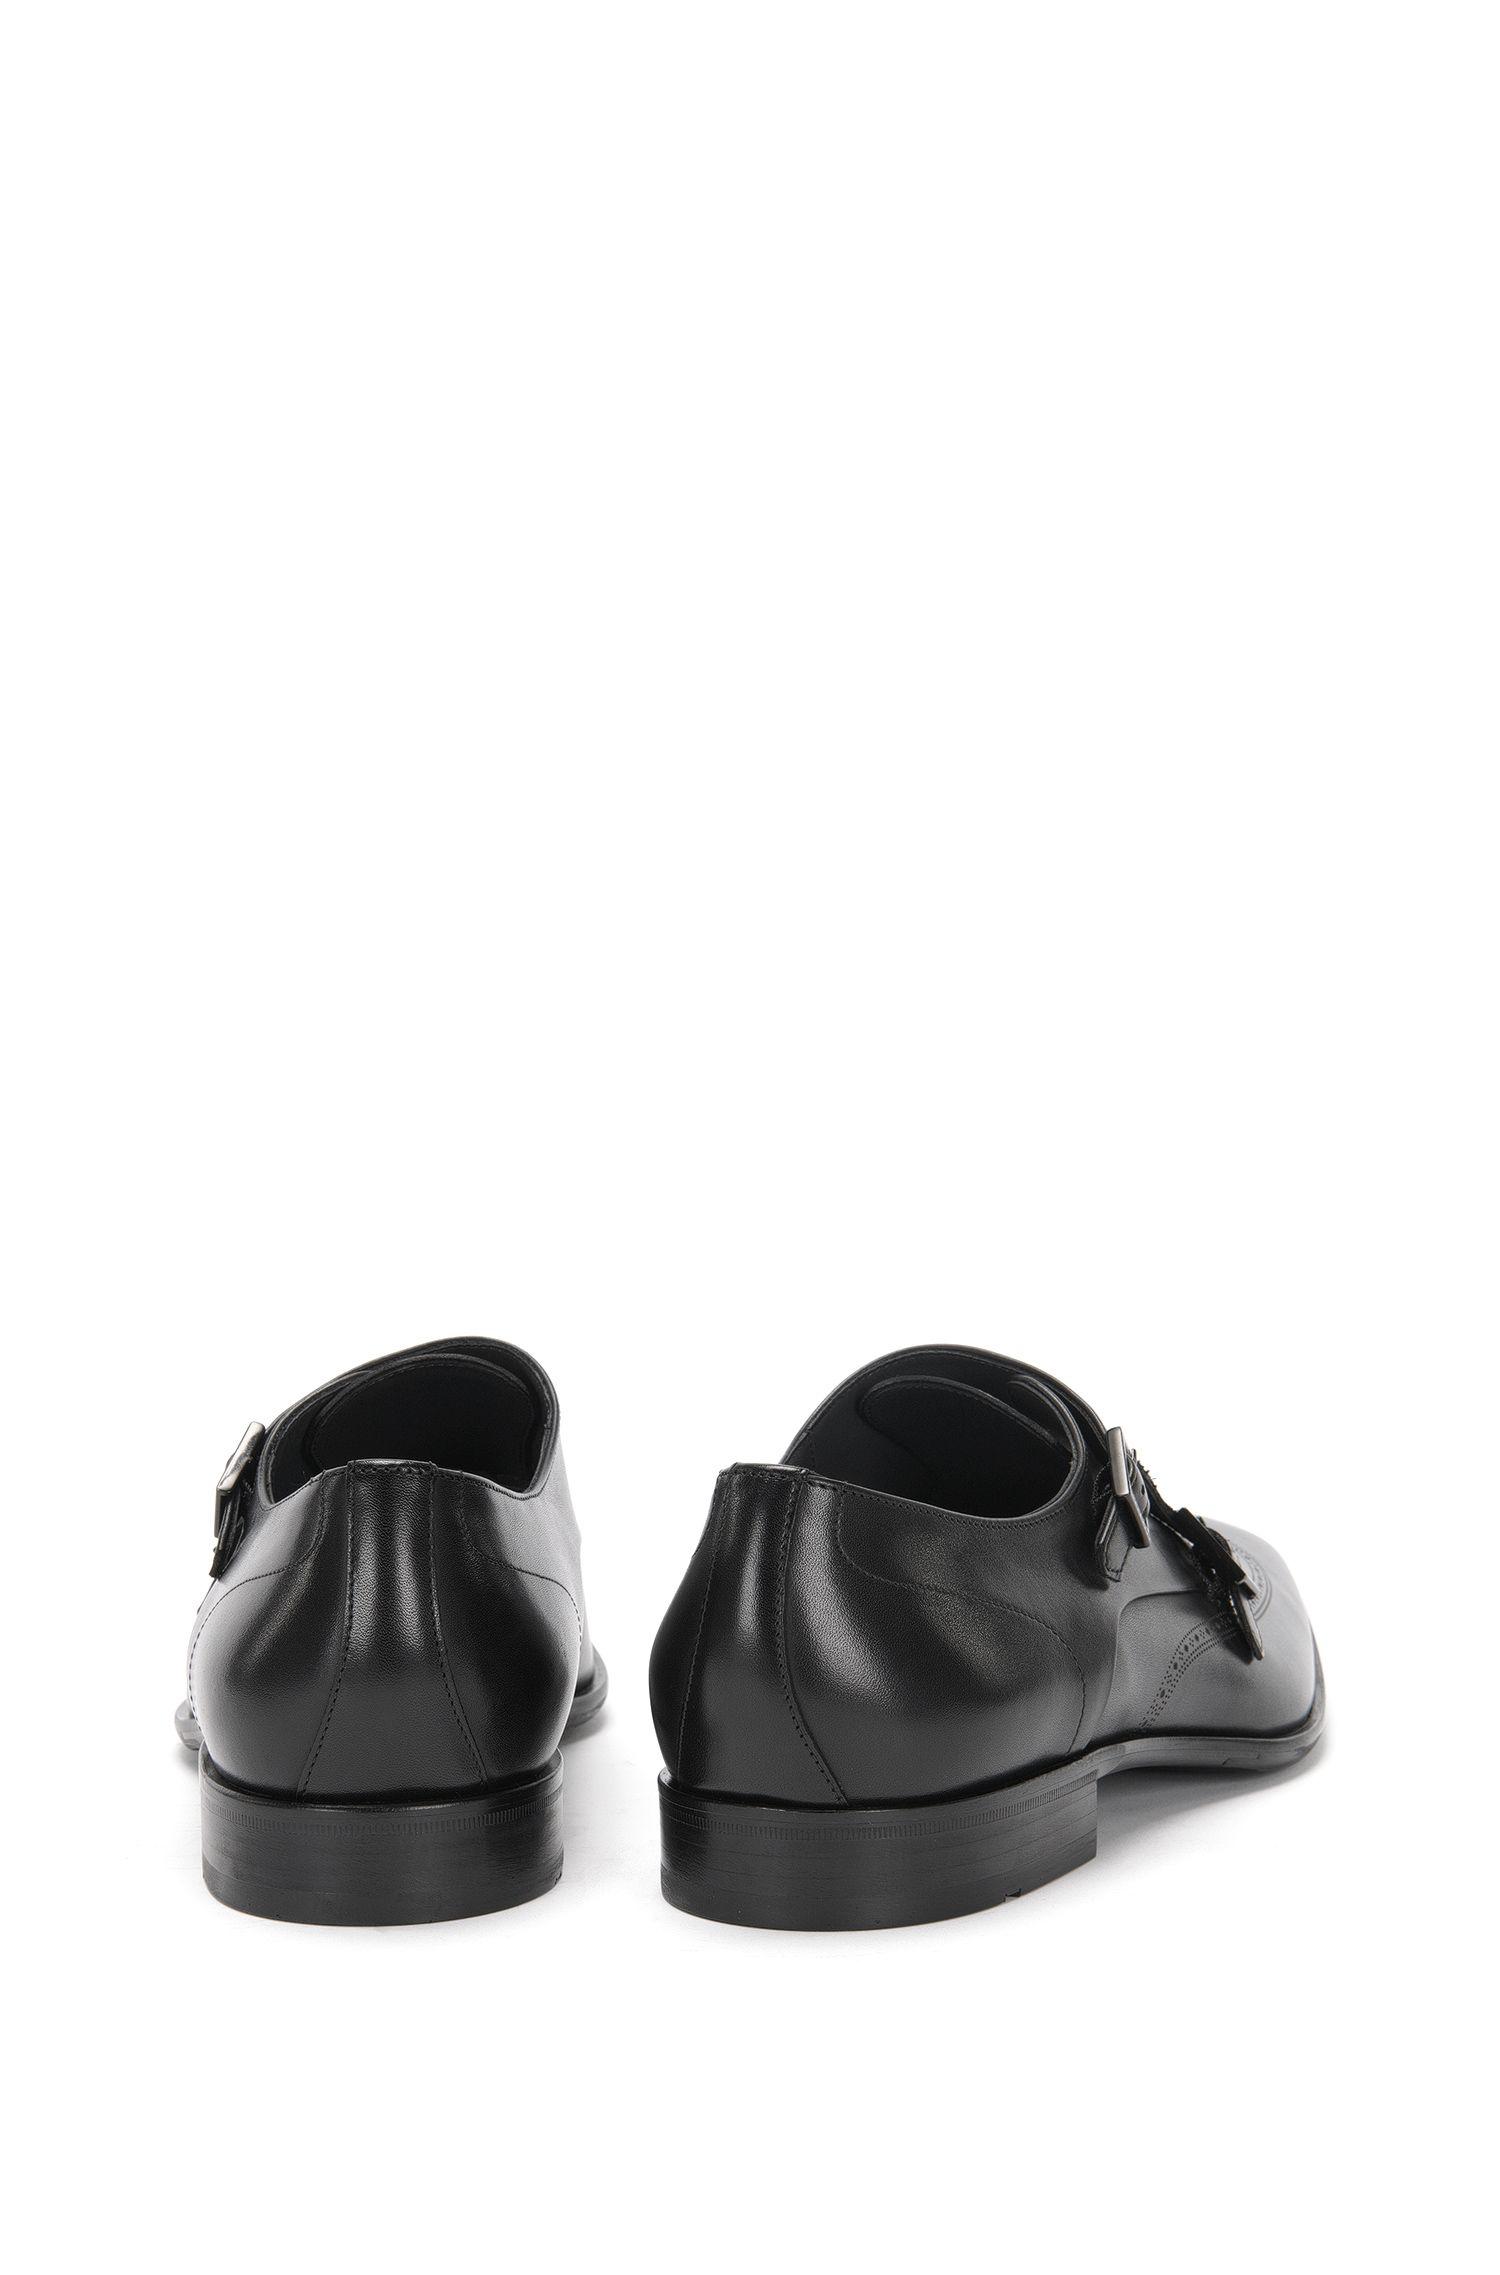 Double Monks aus Leder mit Loch-Muster: 'Chelsea_Monk_ltwt'